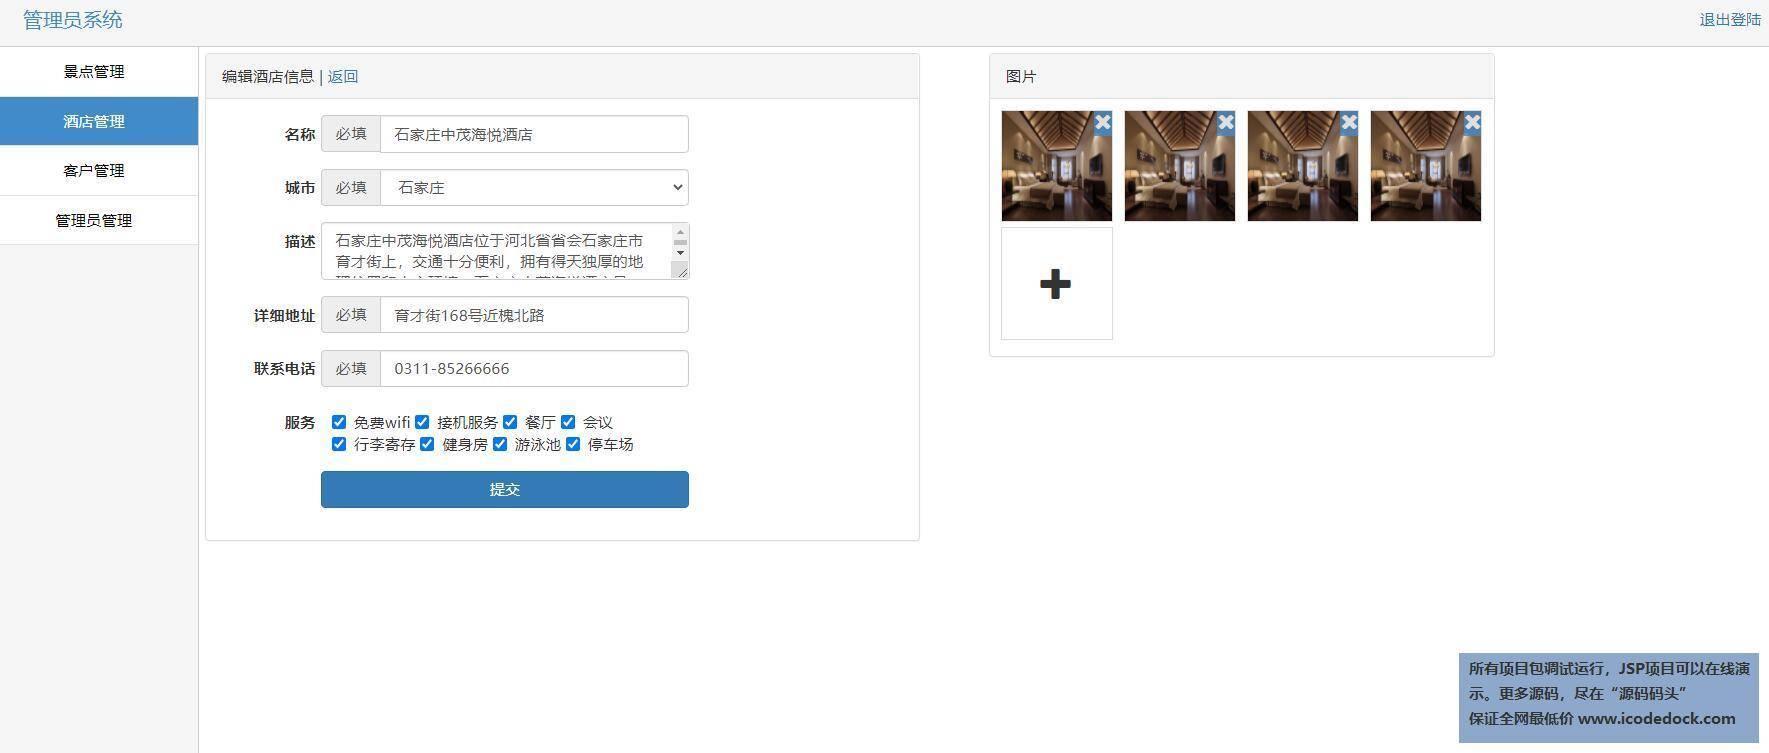 源码码头-SSH自驾游管理系统-管理员角色-编辑酒店